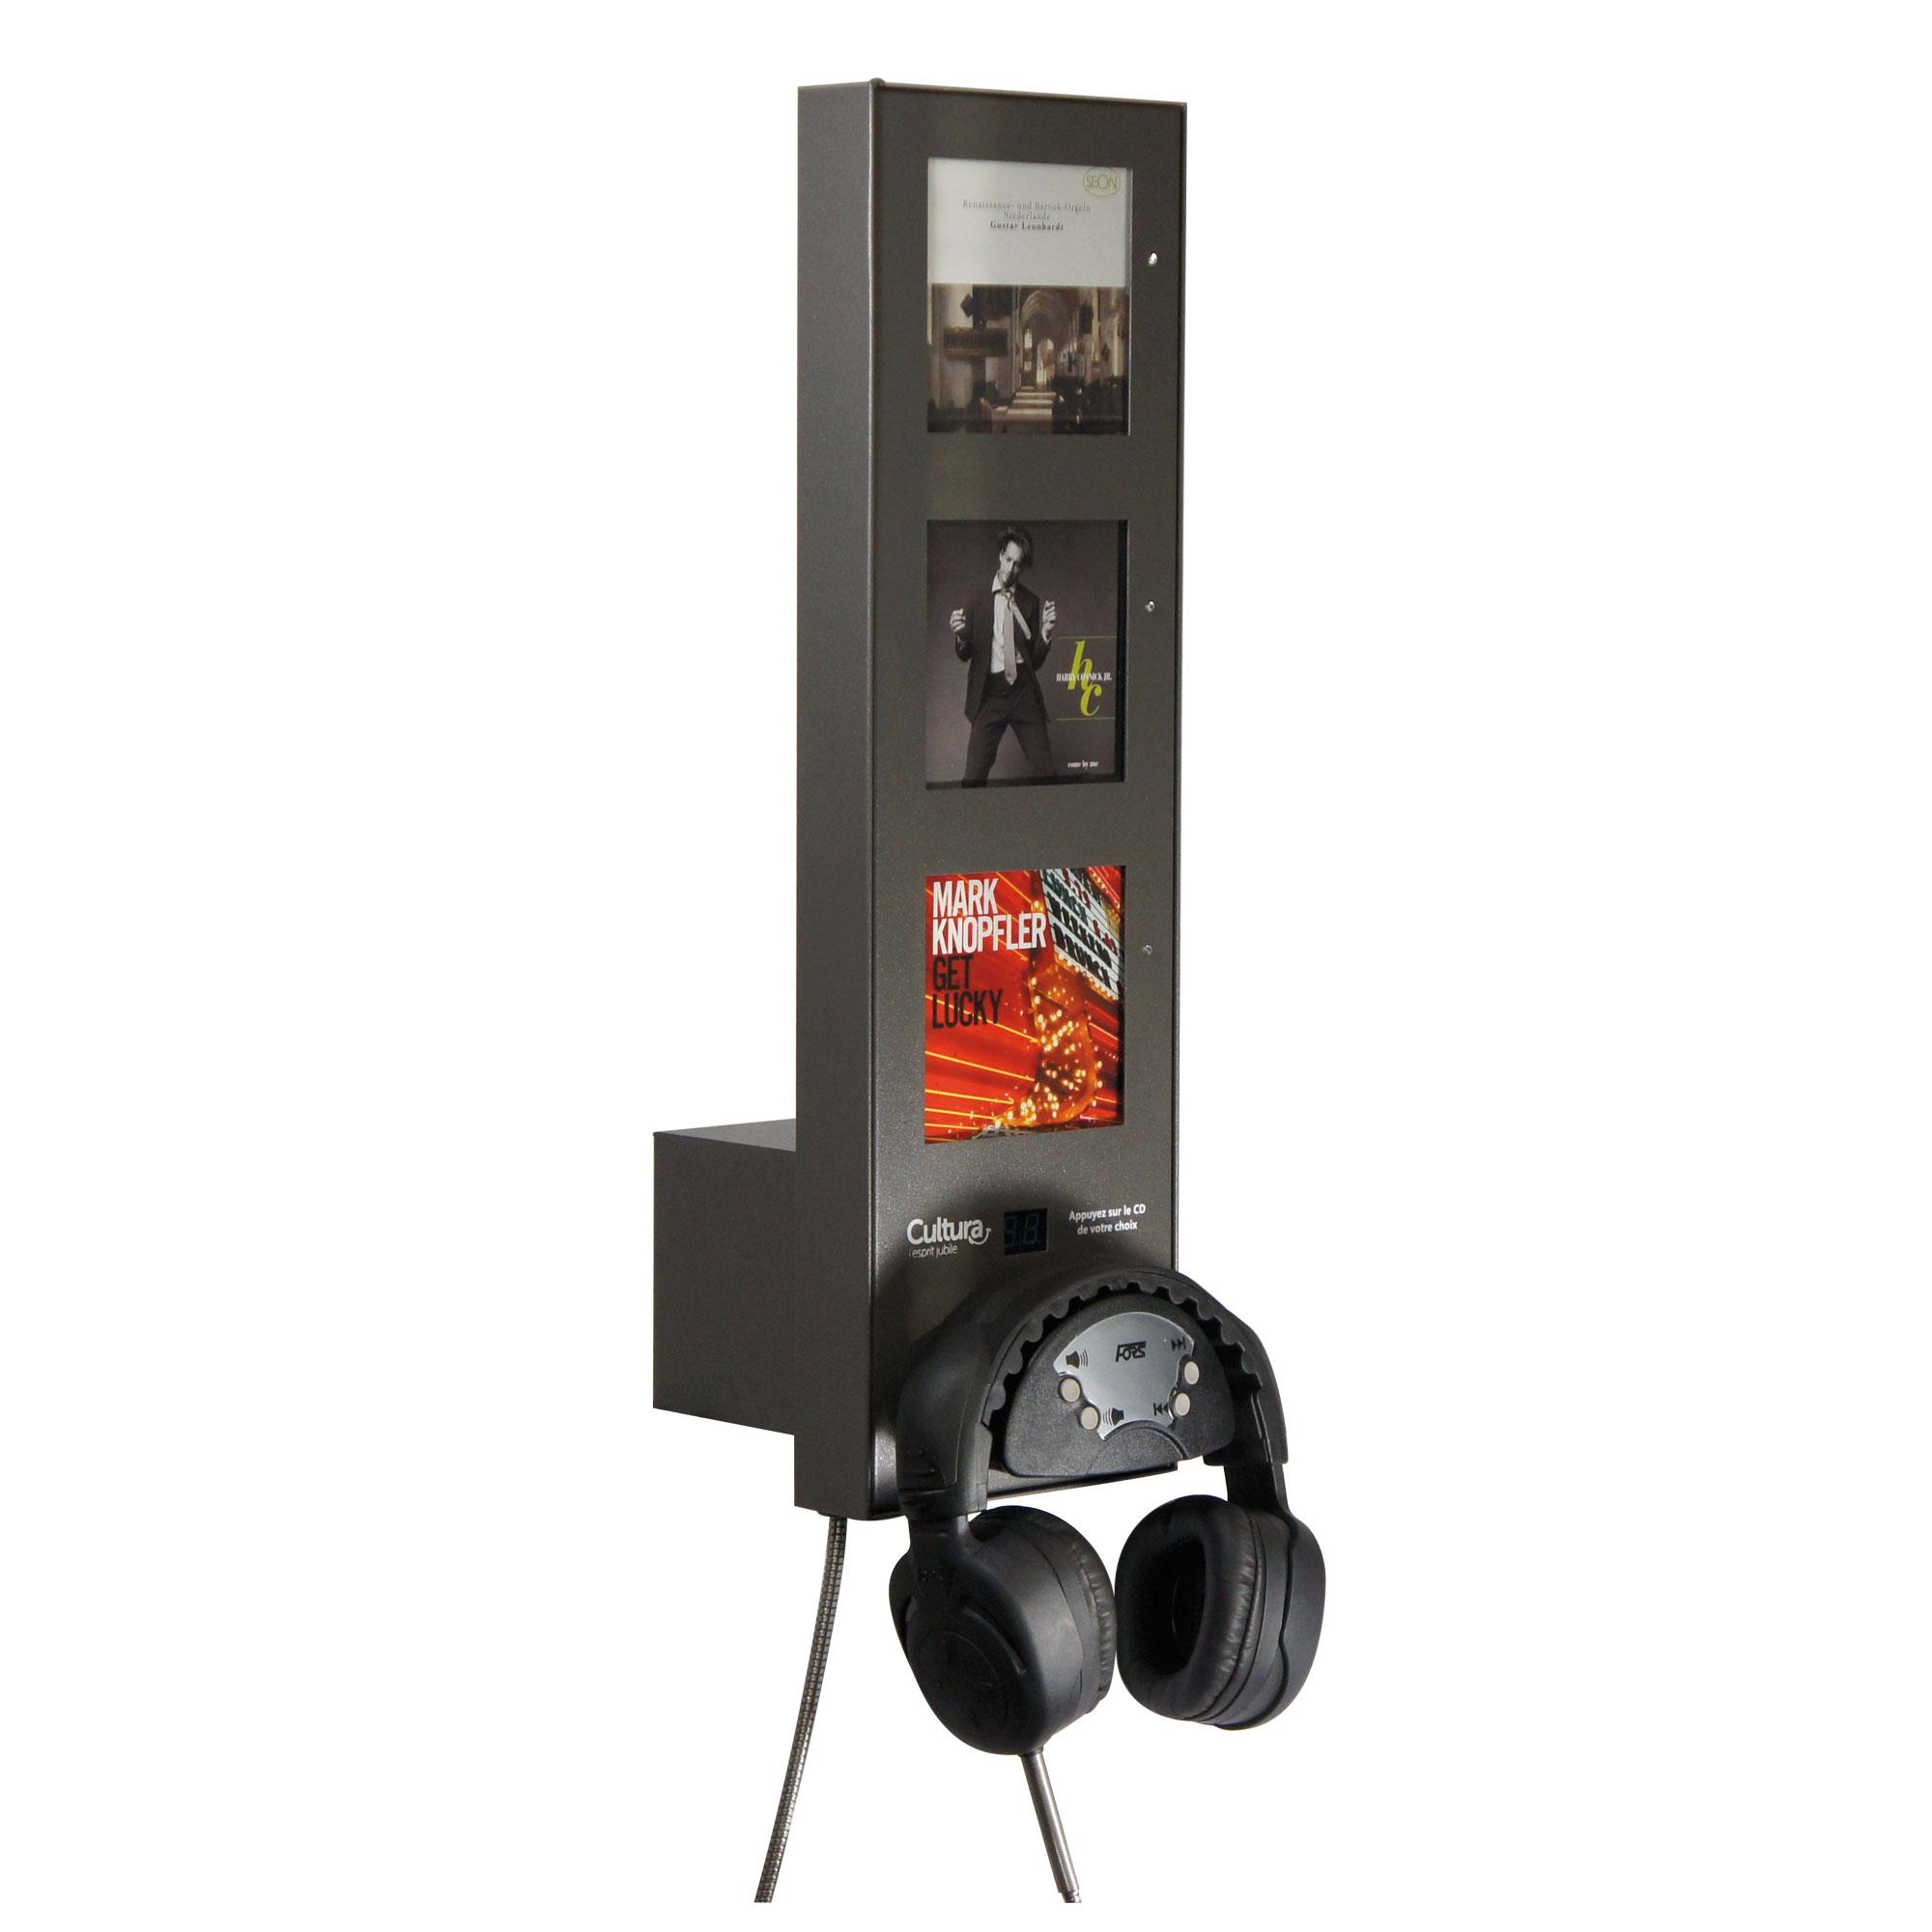 Borne d'écoute Multi (3CDs)